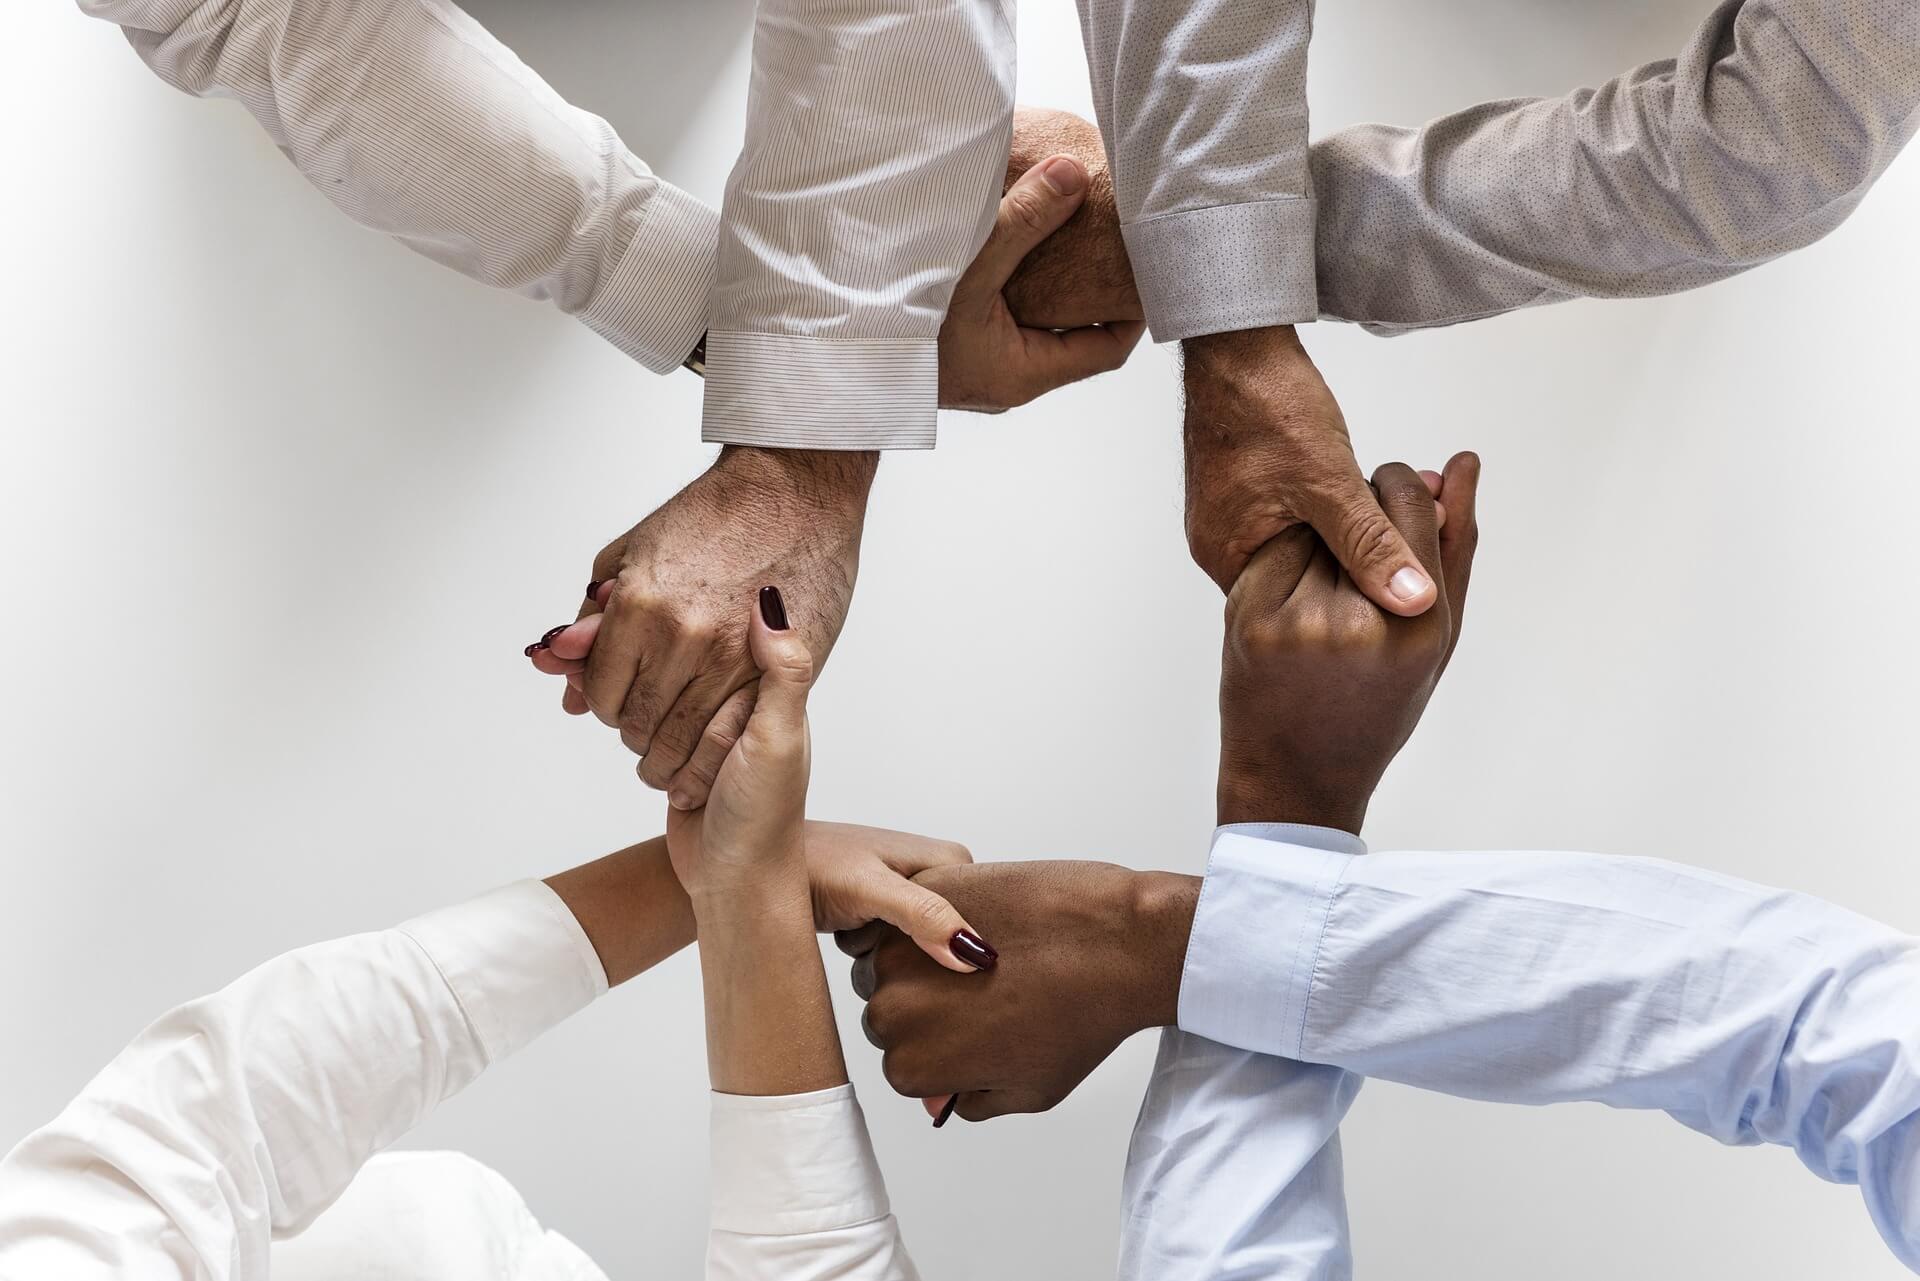 El trabajo en equipo es una de las maneras mas eficientede optimizar tiempo.